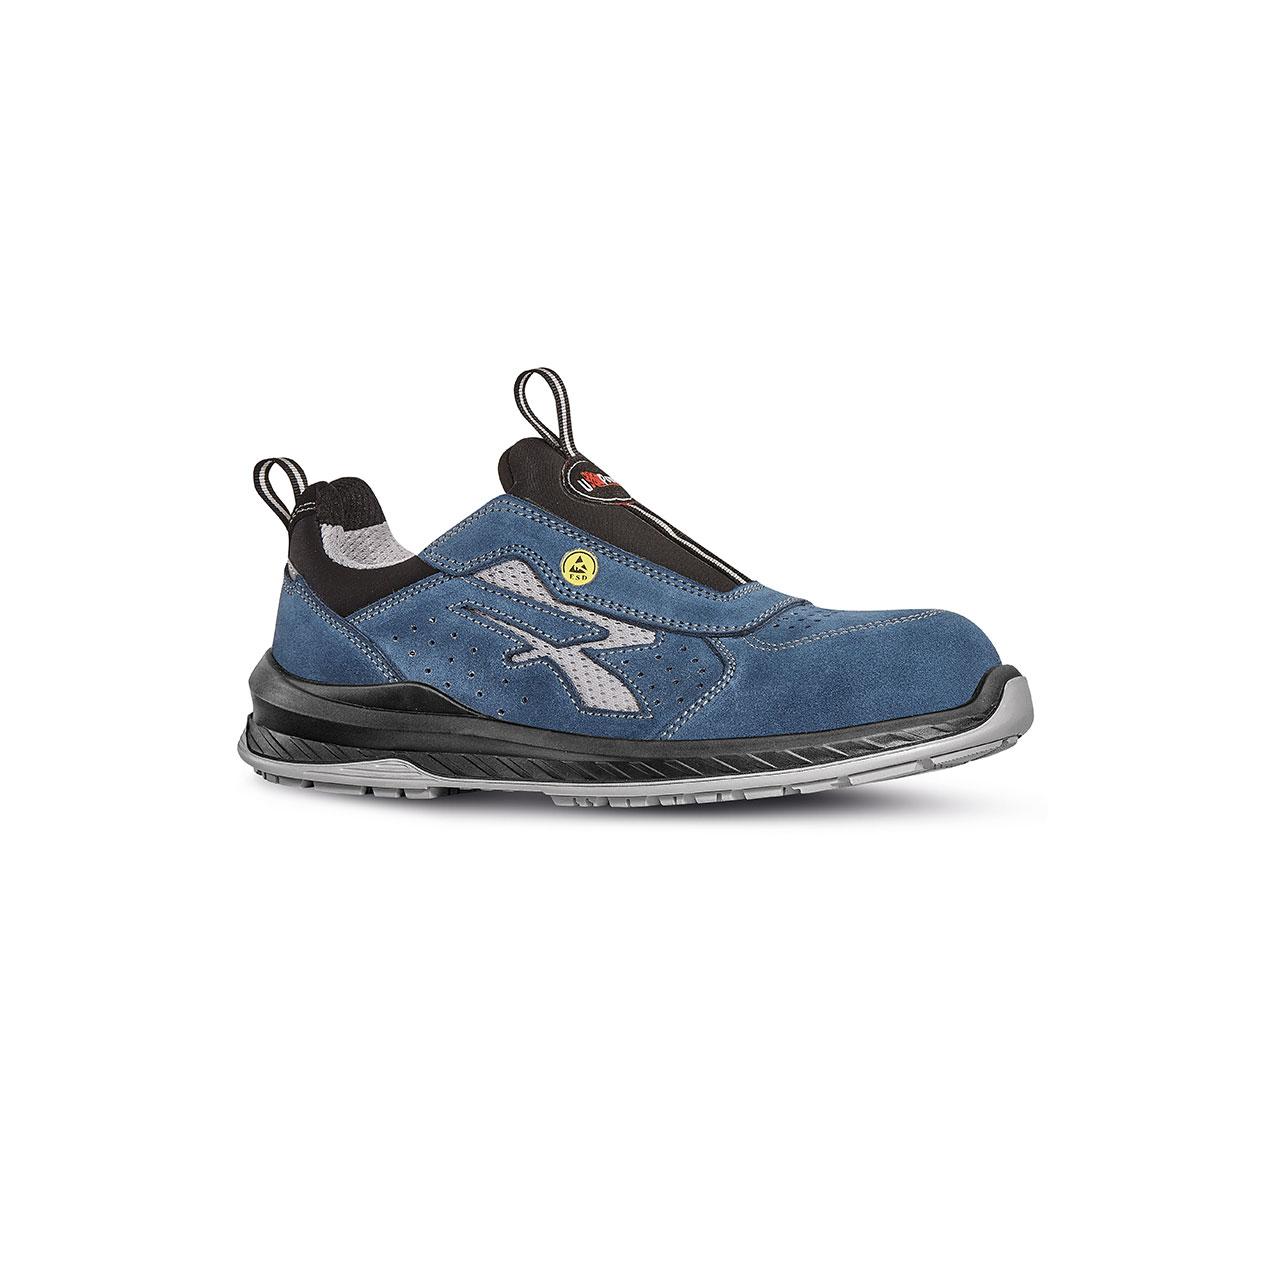 scarpa antinfortunistica upower modello mistral linea redindustry vista laterale